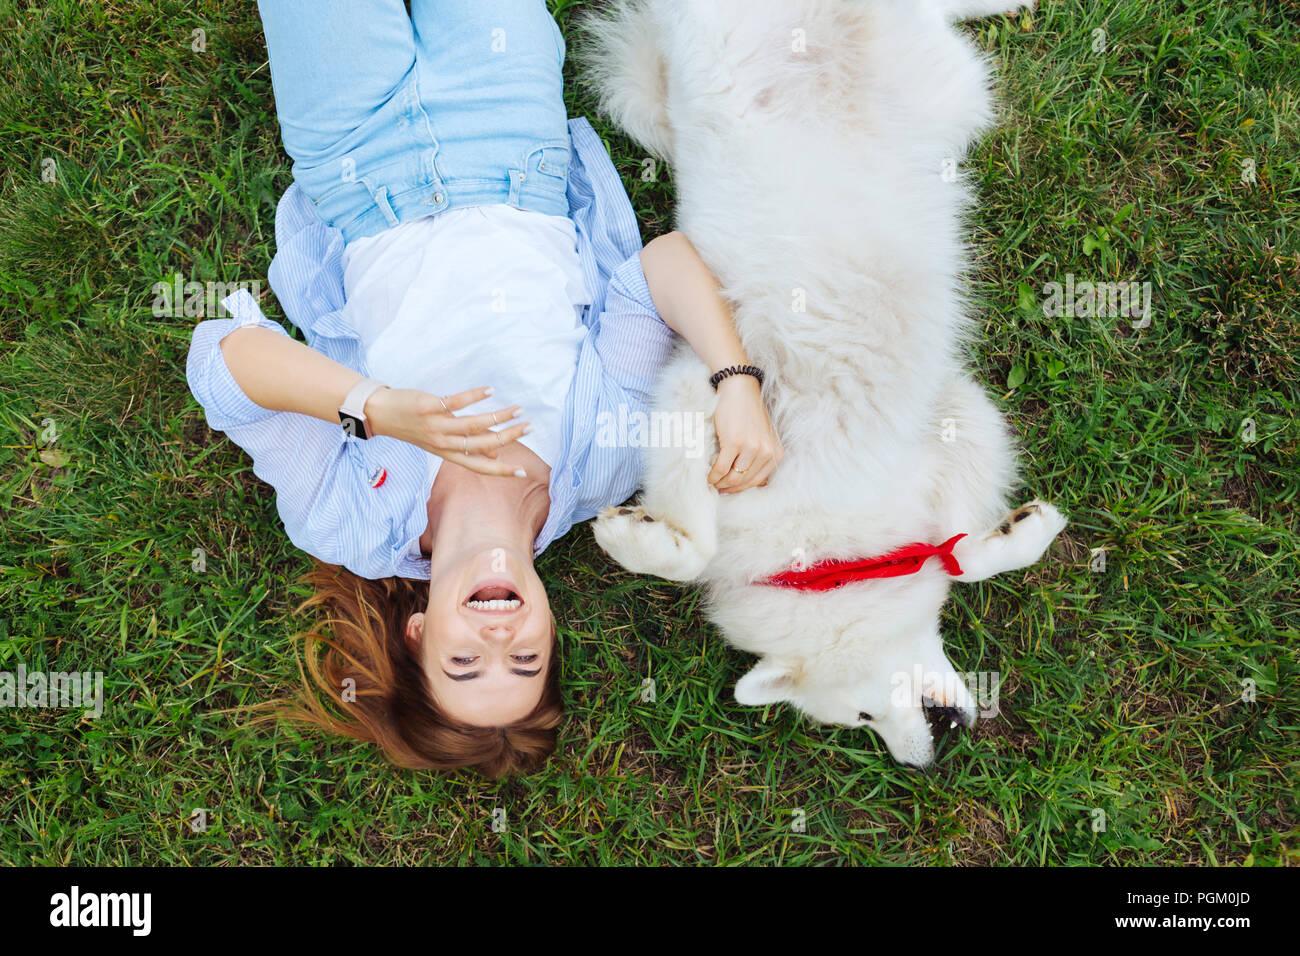 Drôle de femme en riant tout en jouant avec son chien blanc Photo Stock